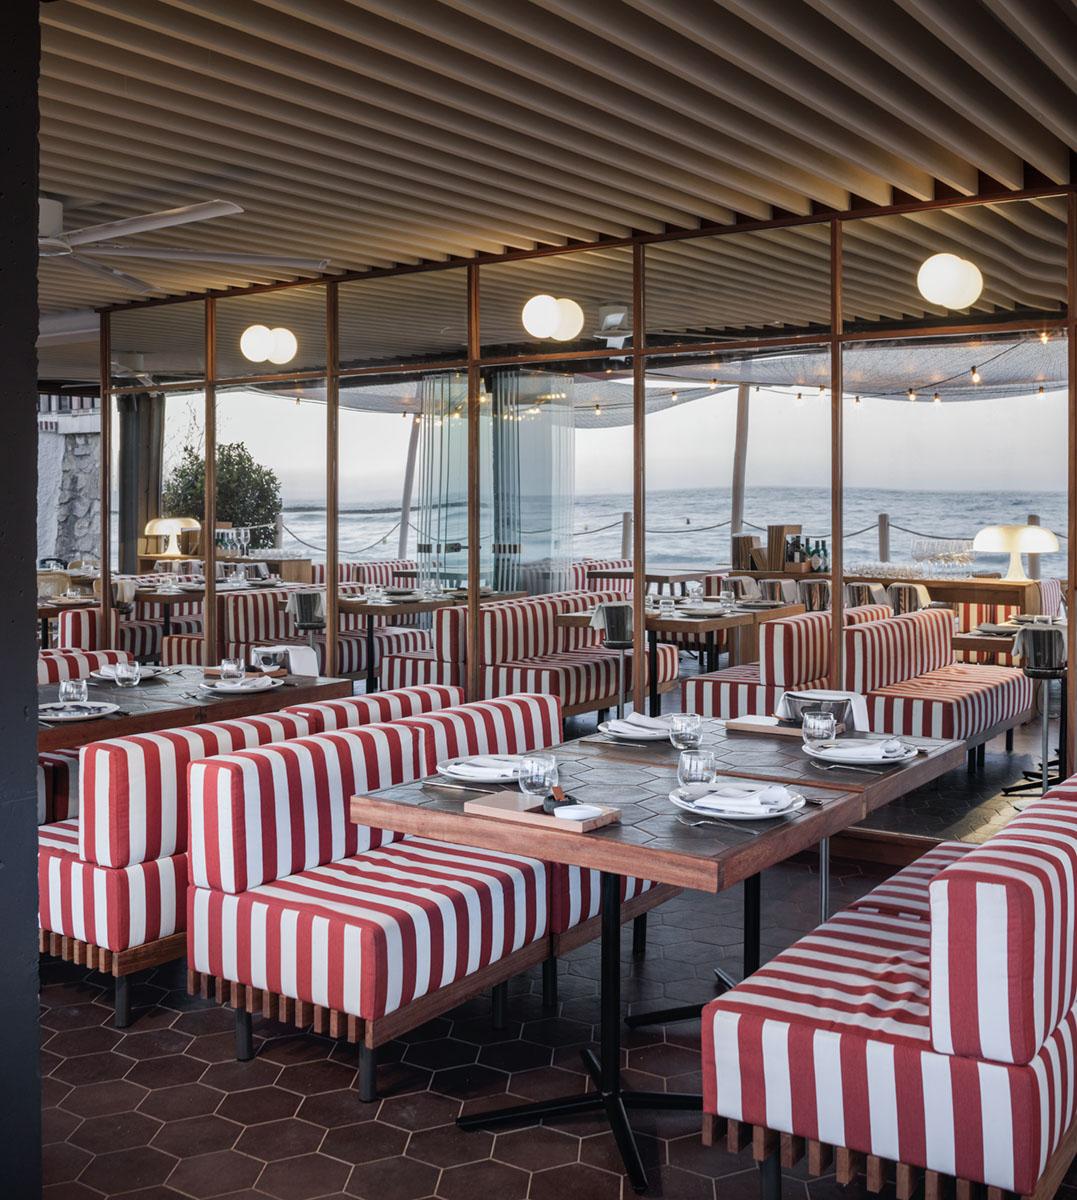 soleo-marbella-beach-club-isabel-lopez-vilalta-decoracion-interiorismo-fernando-alda (10)